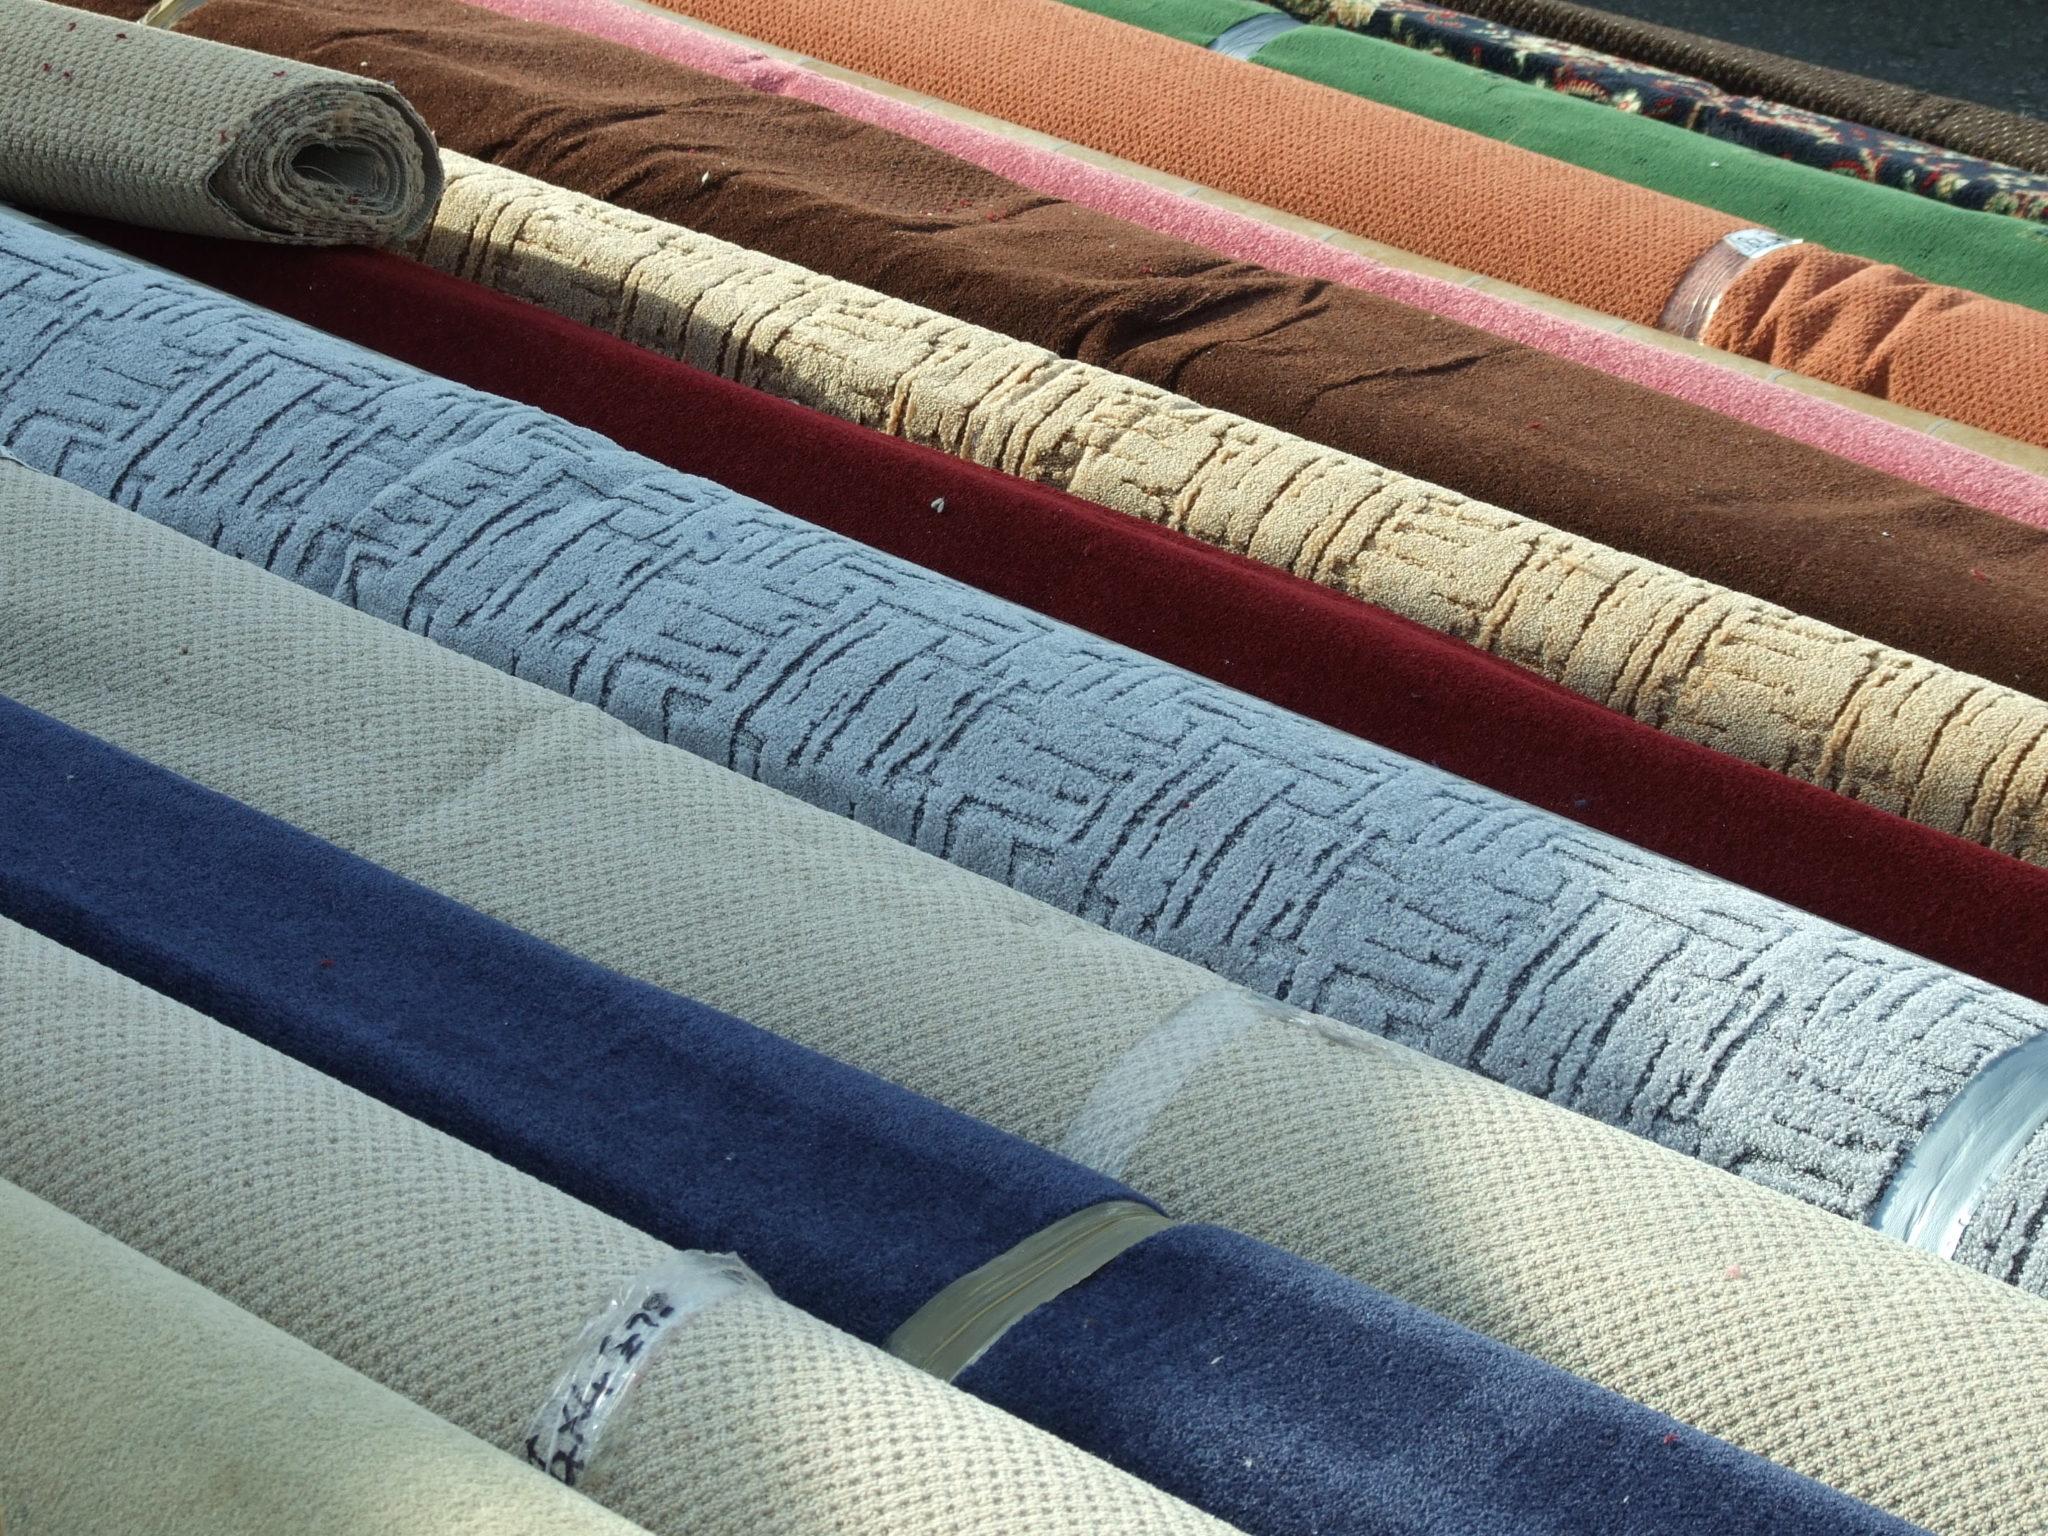 carpet cleaning repair